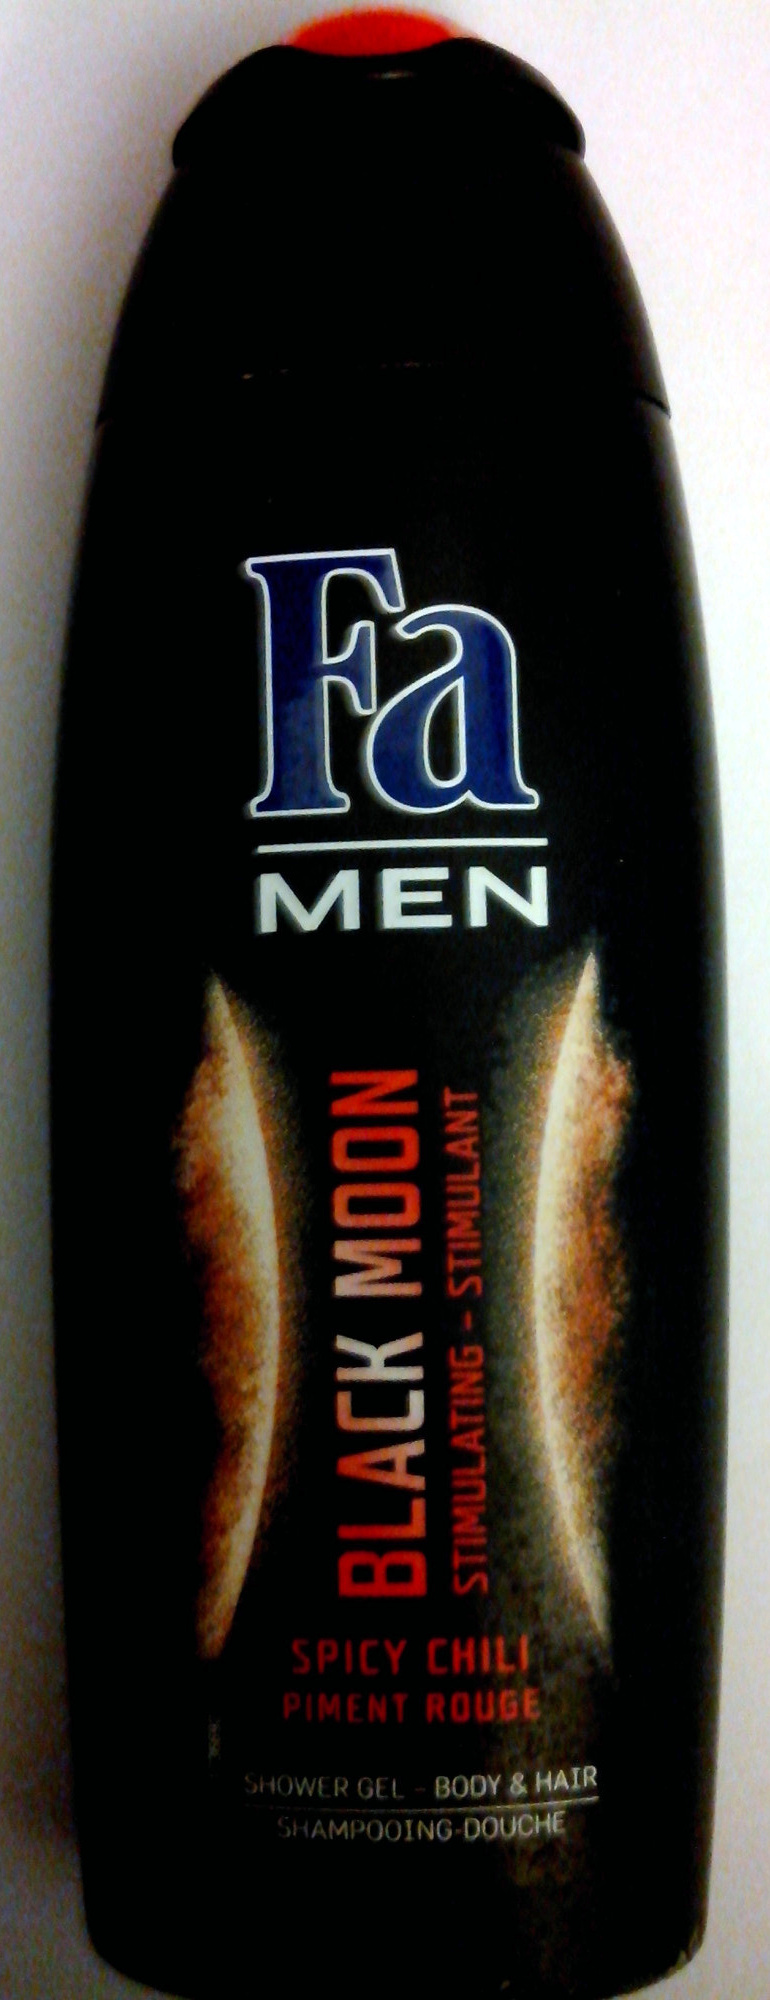 Fa Men Black Moon Piment Rouge - Produit